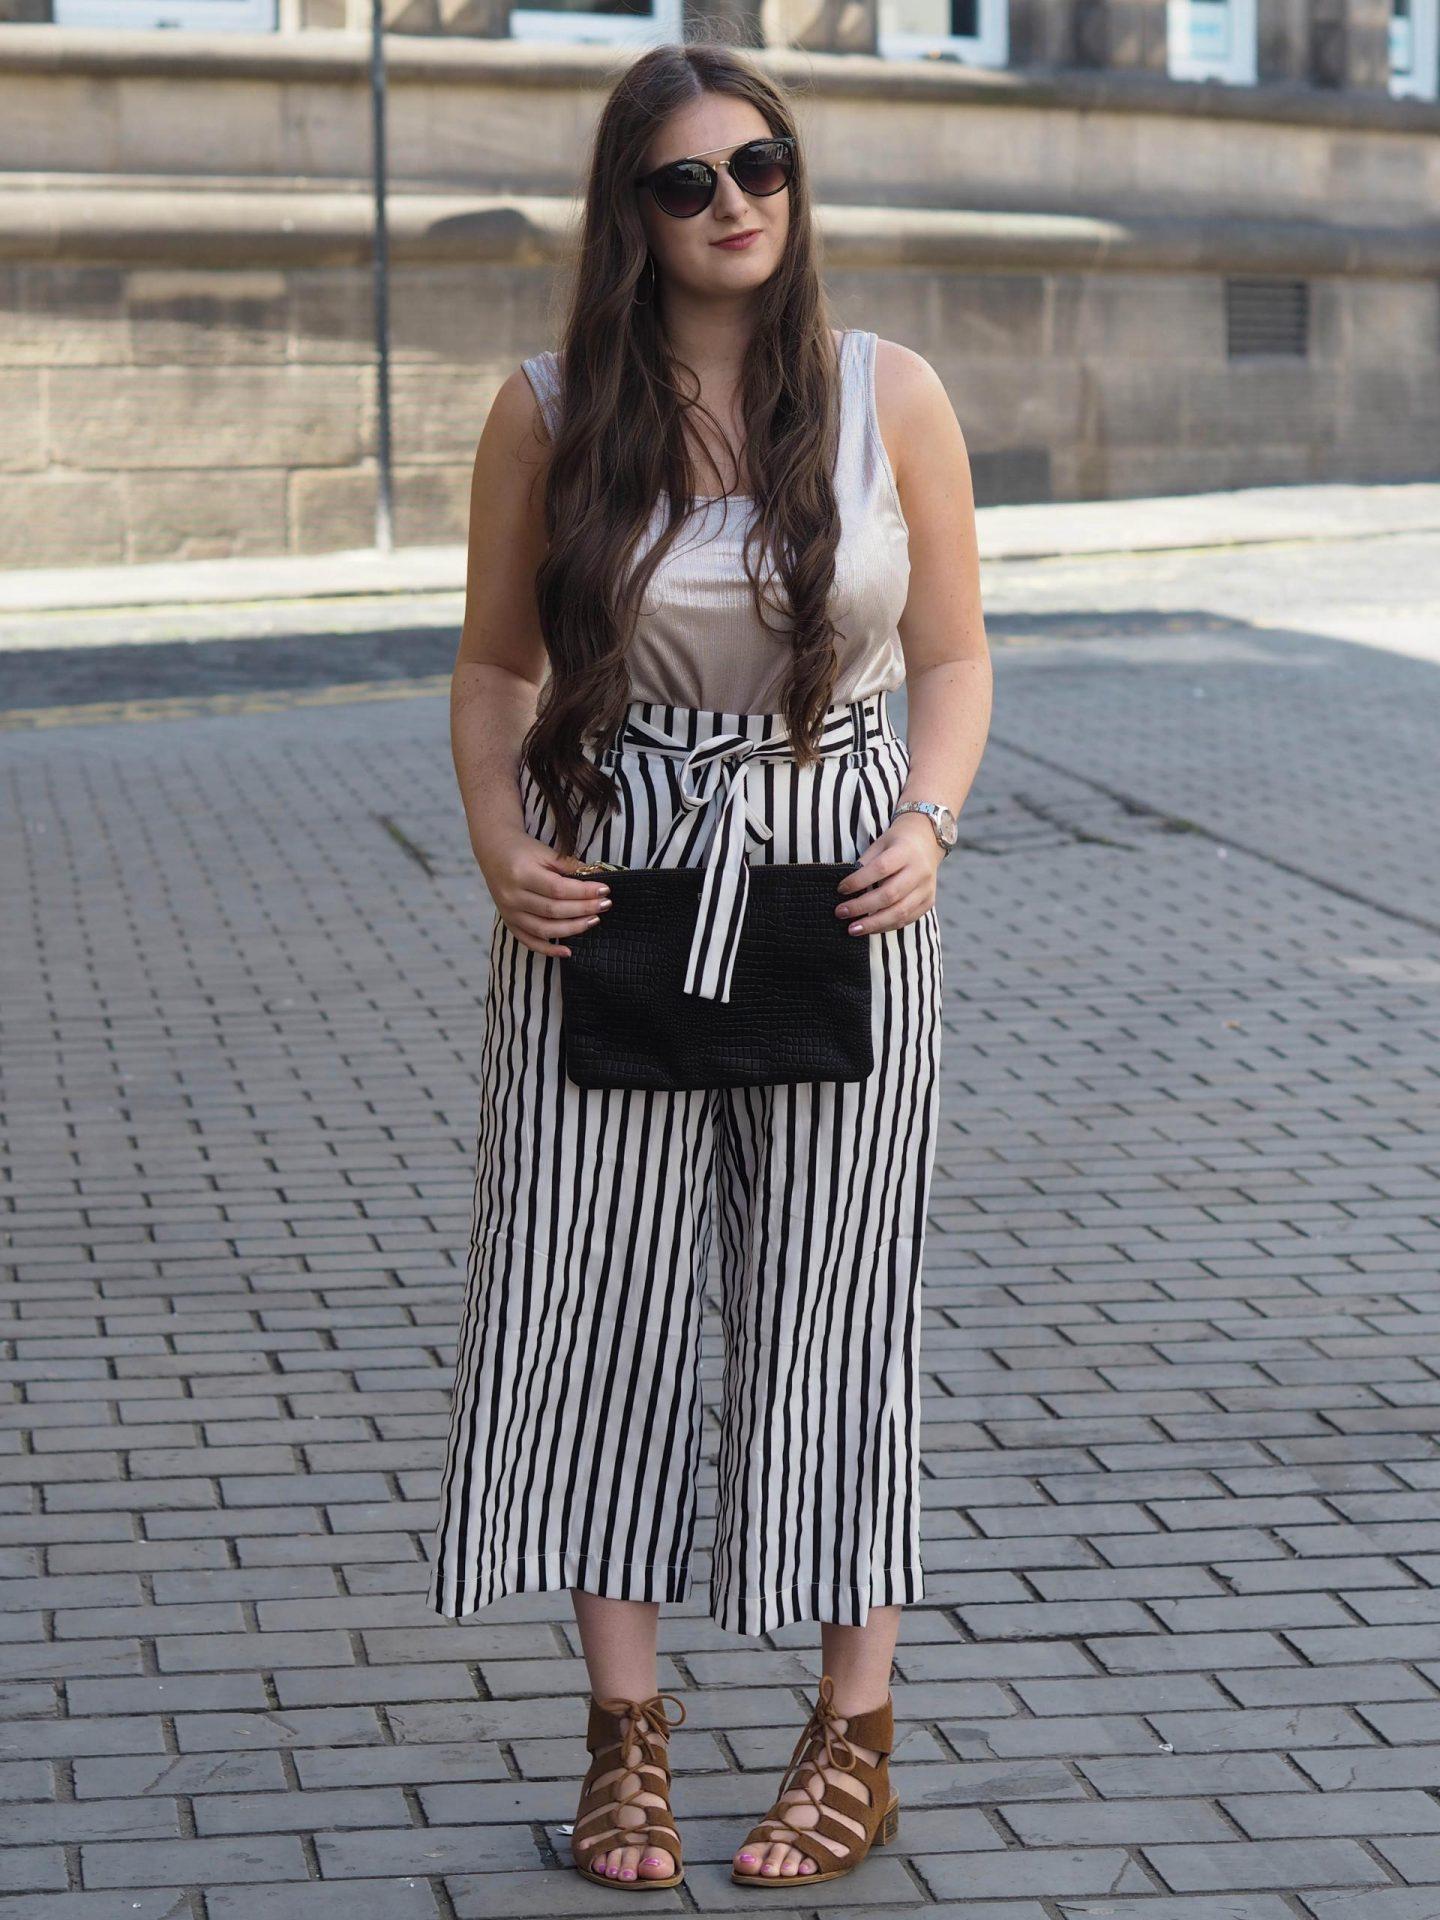 22nd Birthday - Twenty Two ft. Zara, Biba and Primark - Rachel Nicole UK Style Blogger 5